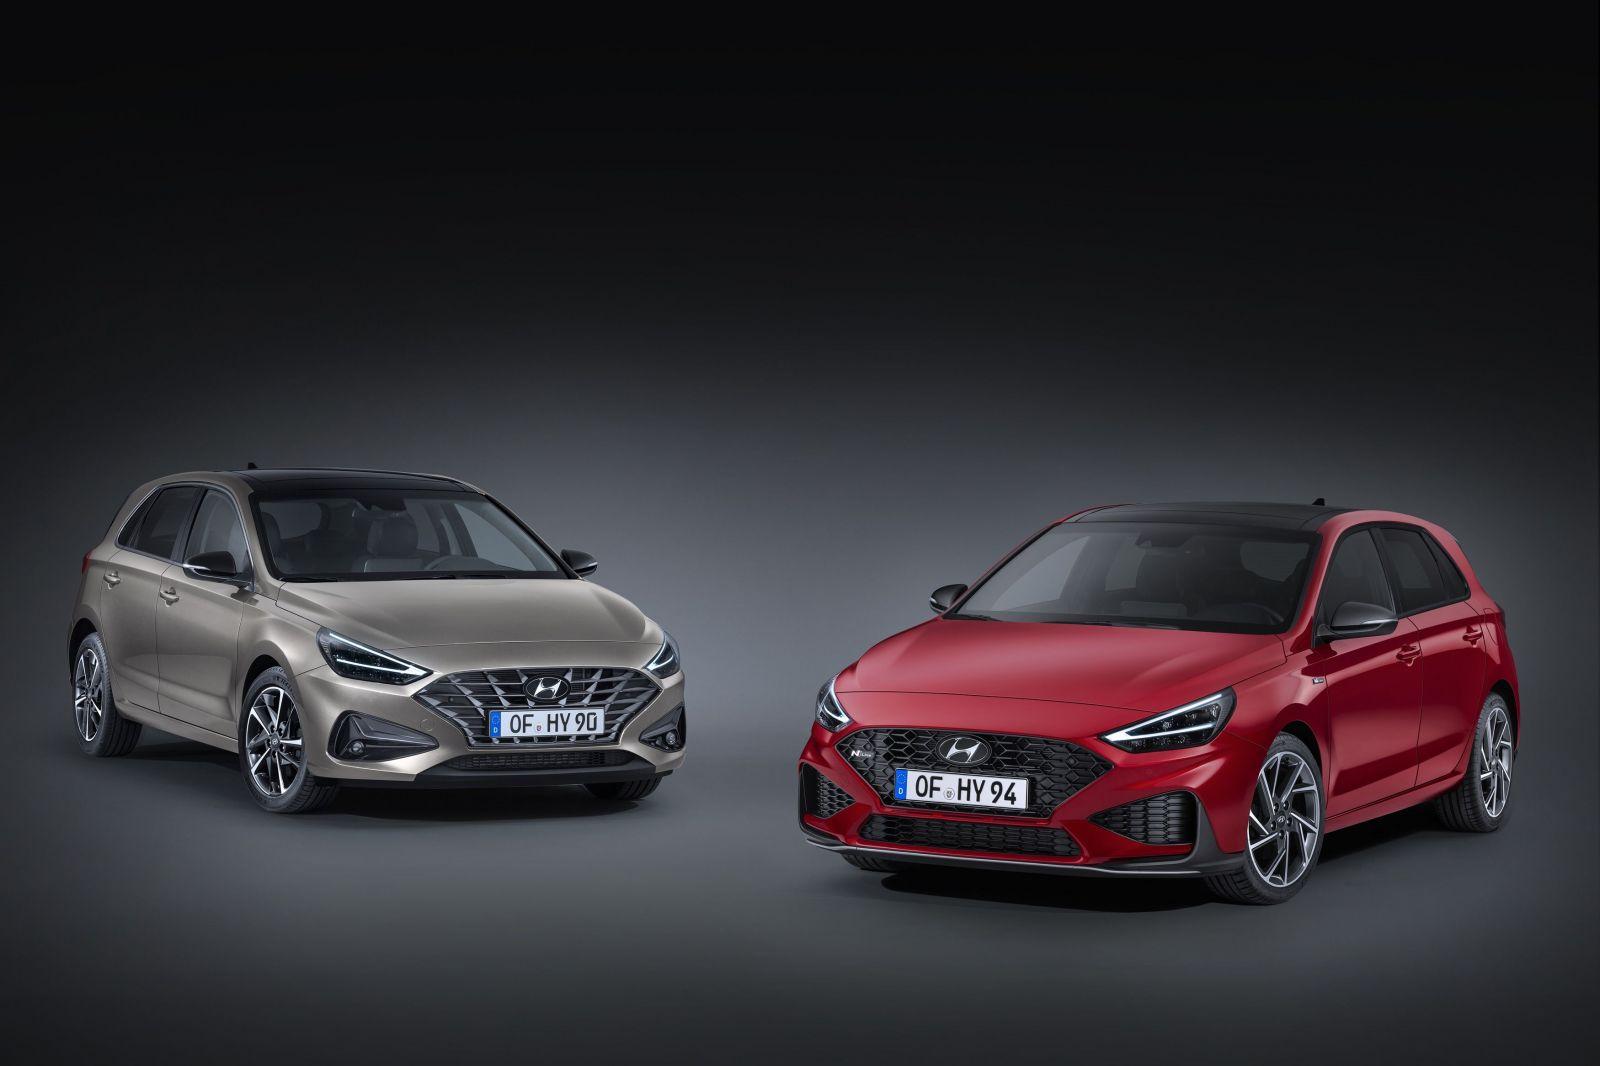 Populárny Hyundai i30 získal po veľkom facelifte atraktívnejší zjav, modernejšiu techniku a nové motory